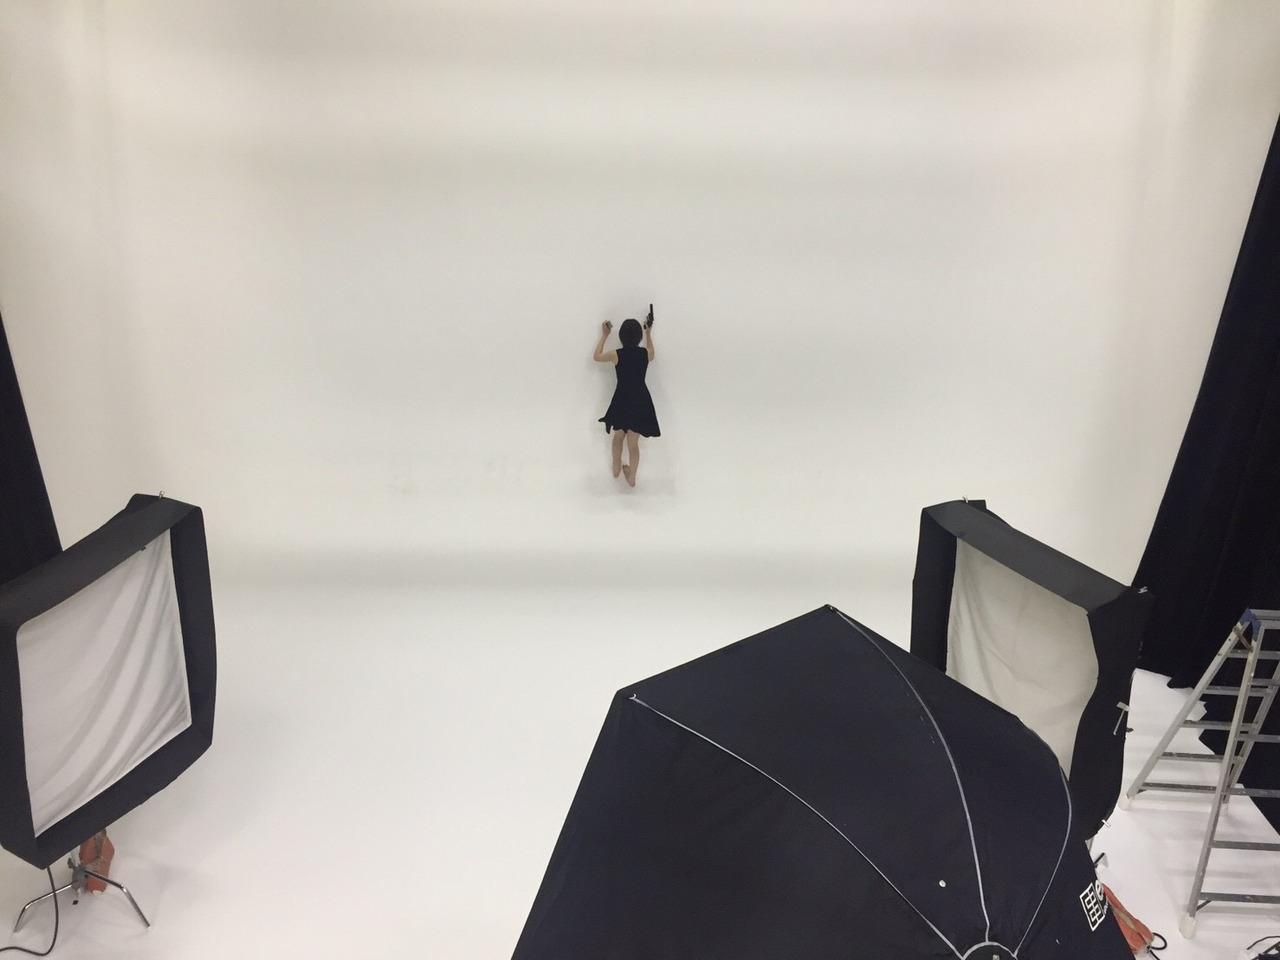 【欅坂46】志田愛佳応援スレ★9【もな】 [無断転載禁止]©2ch.netYouTube動画>8本 ->画像>1353枚